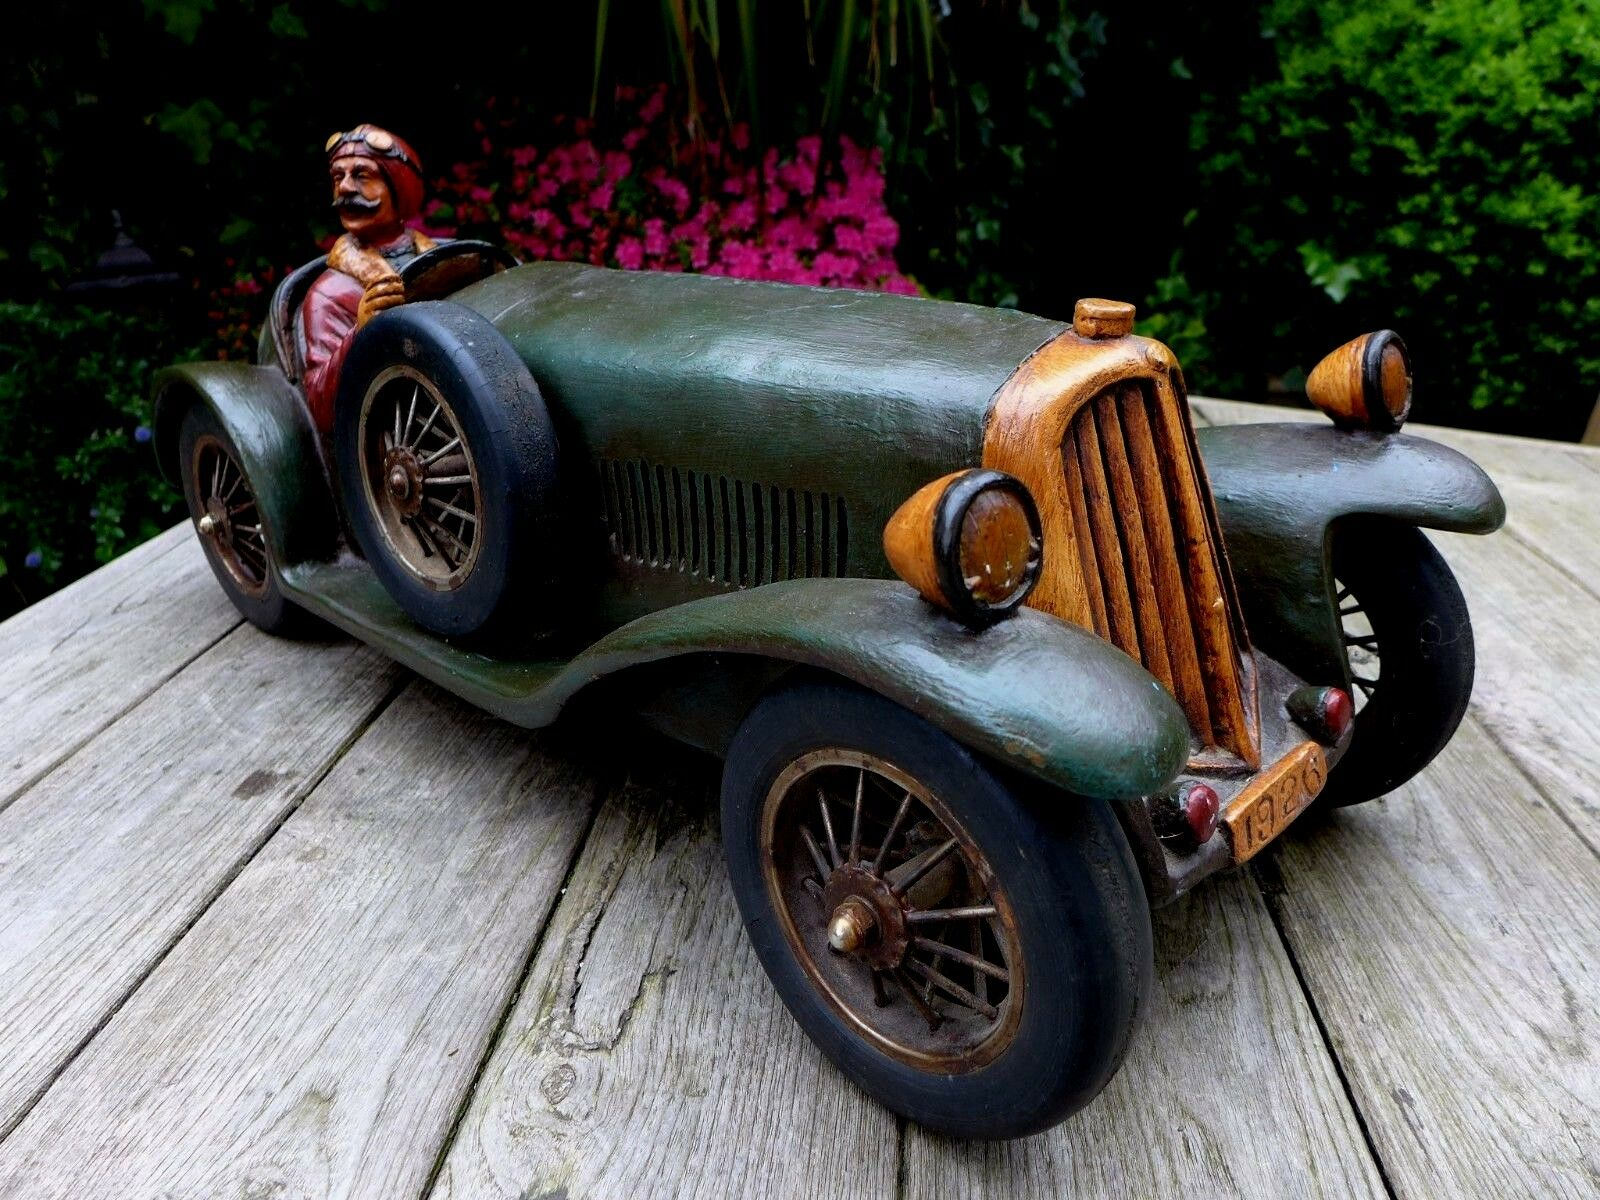 vendita di offerte Antico modellololo della della della vettura Bugatti 1926 perfetto per pub negozio Playroom UNICO RARO  incentivi promozionali